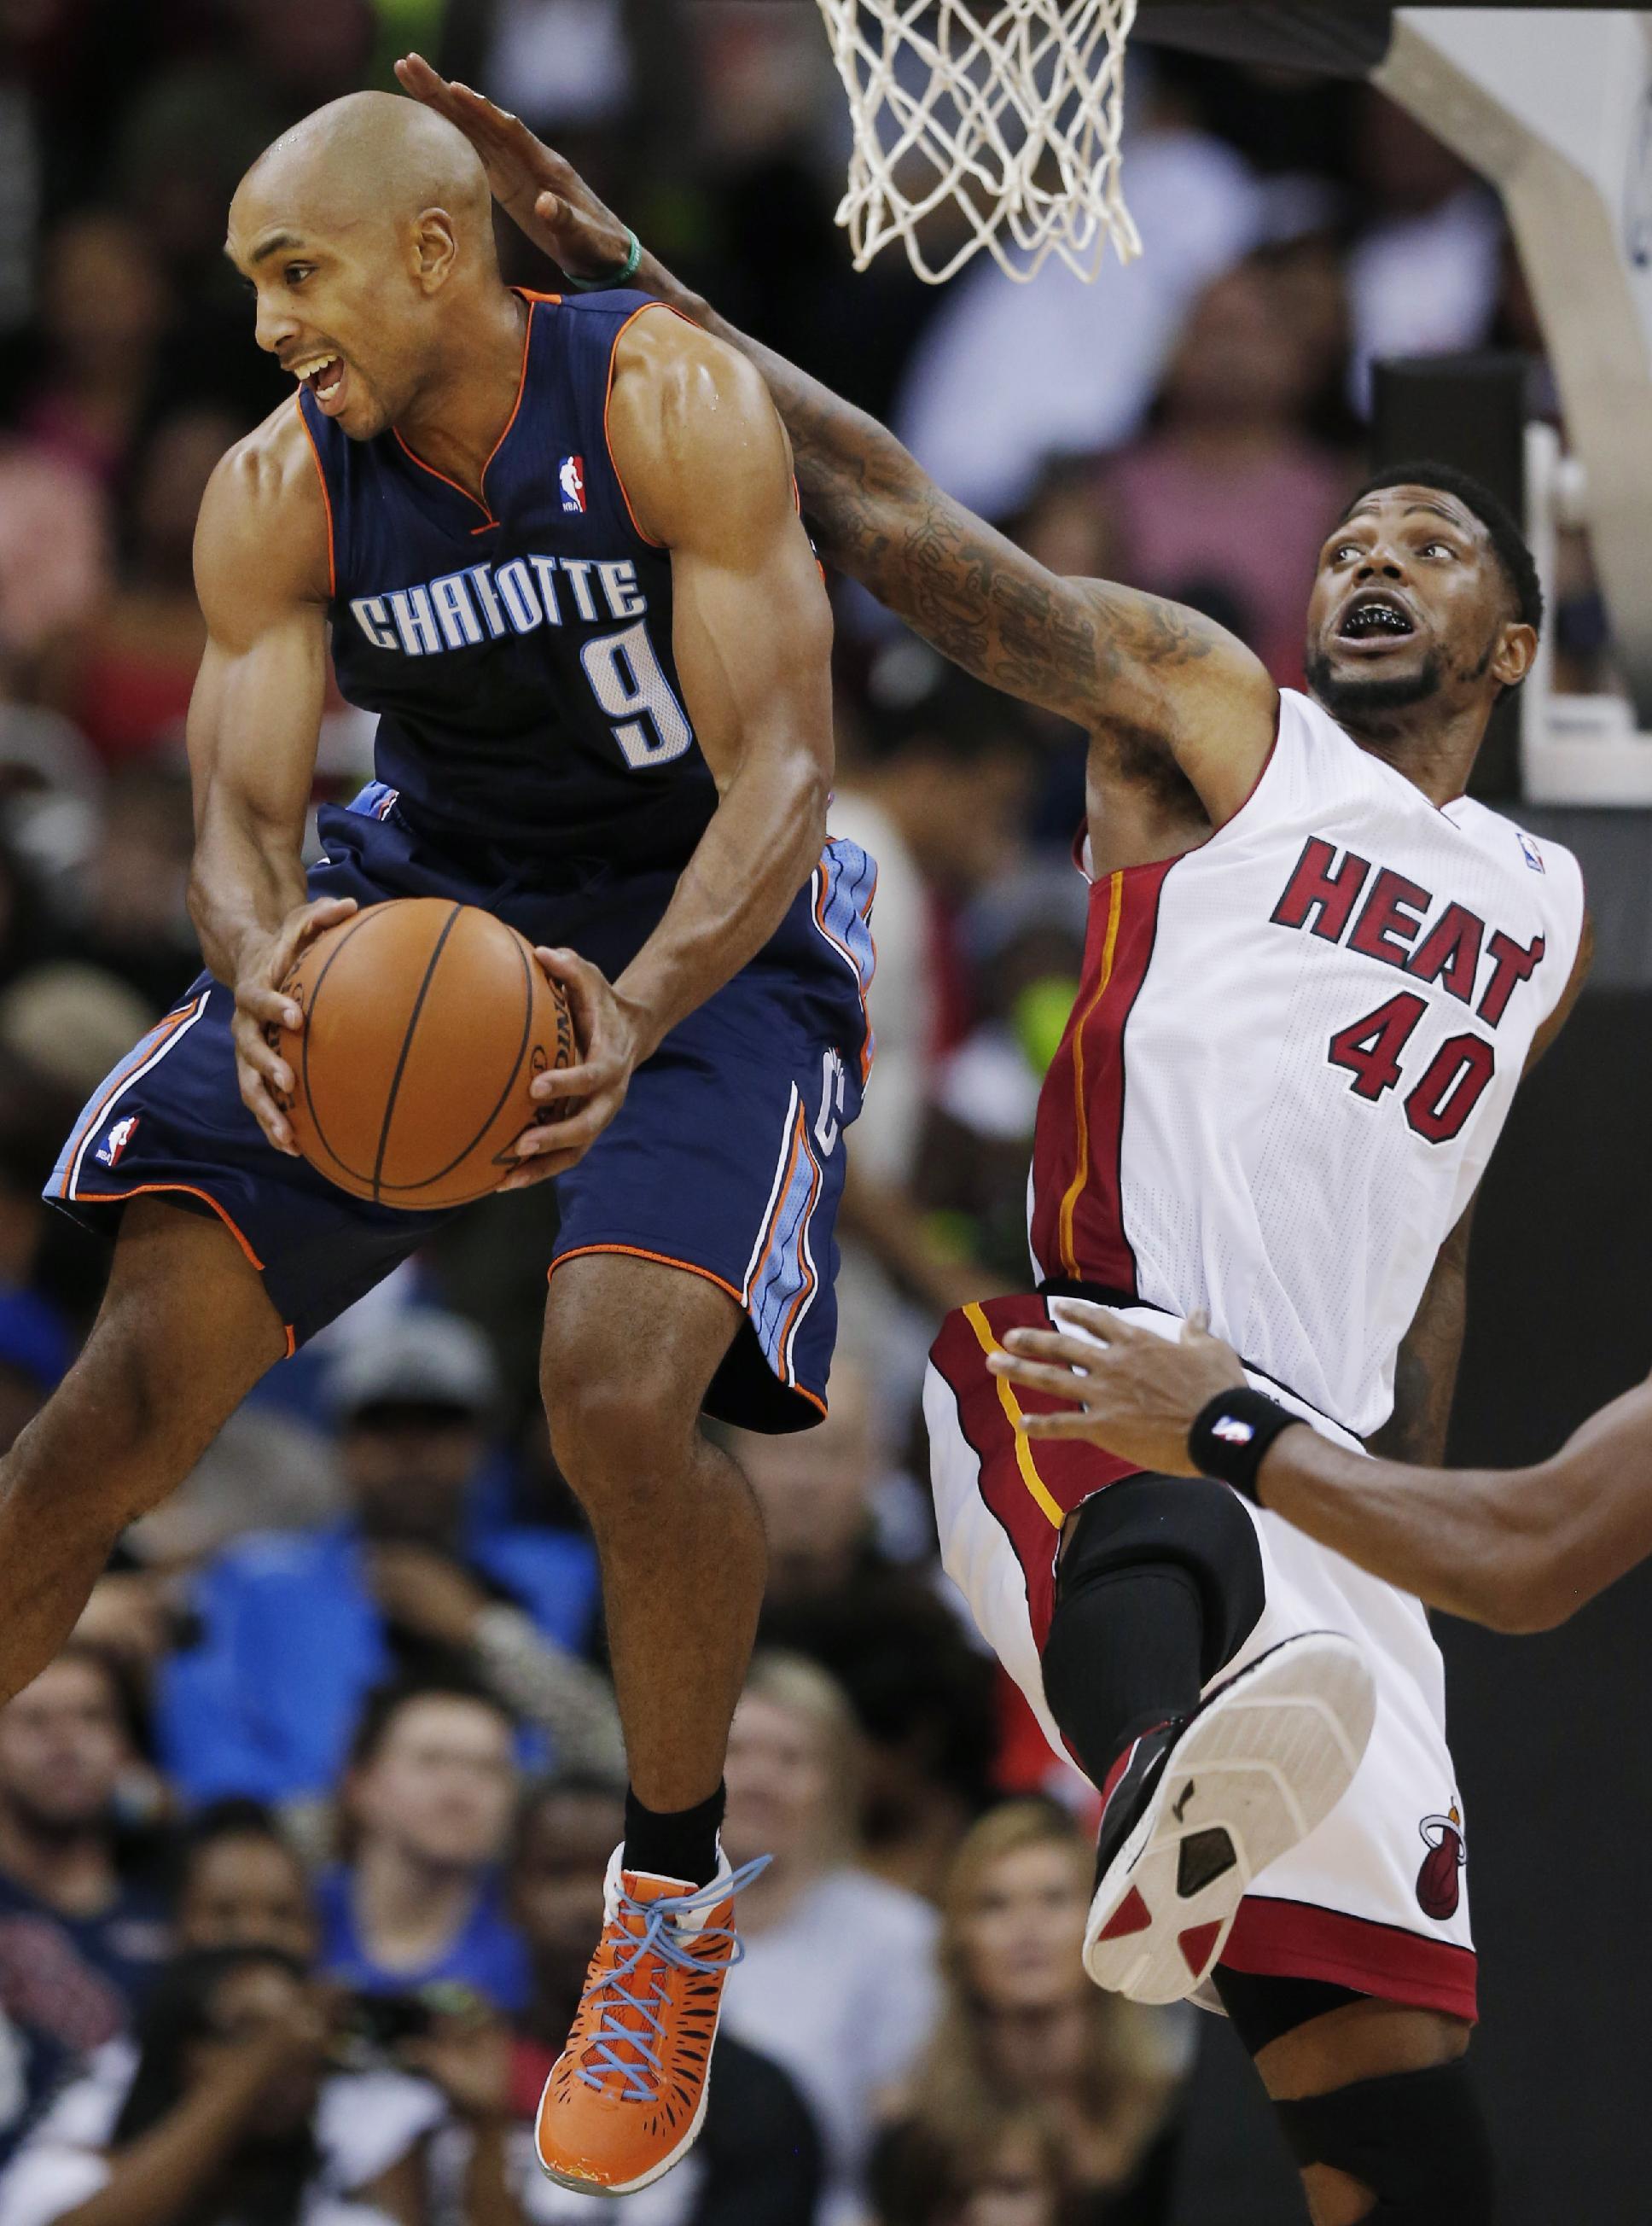 Heat beat Bobcats 86-75 in preseason